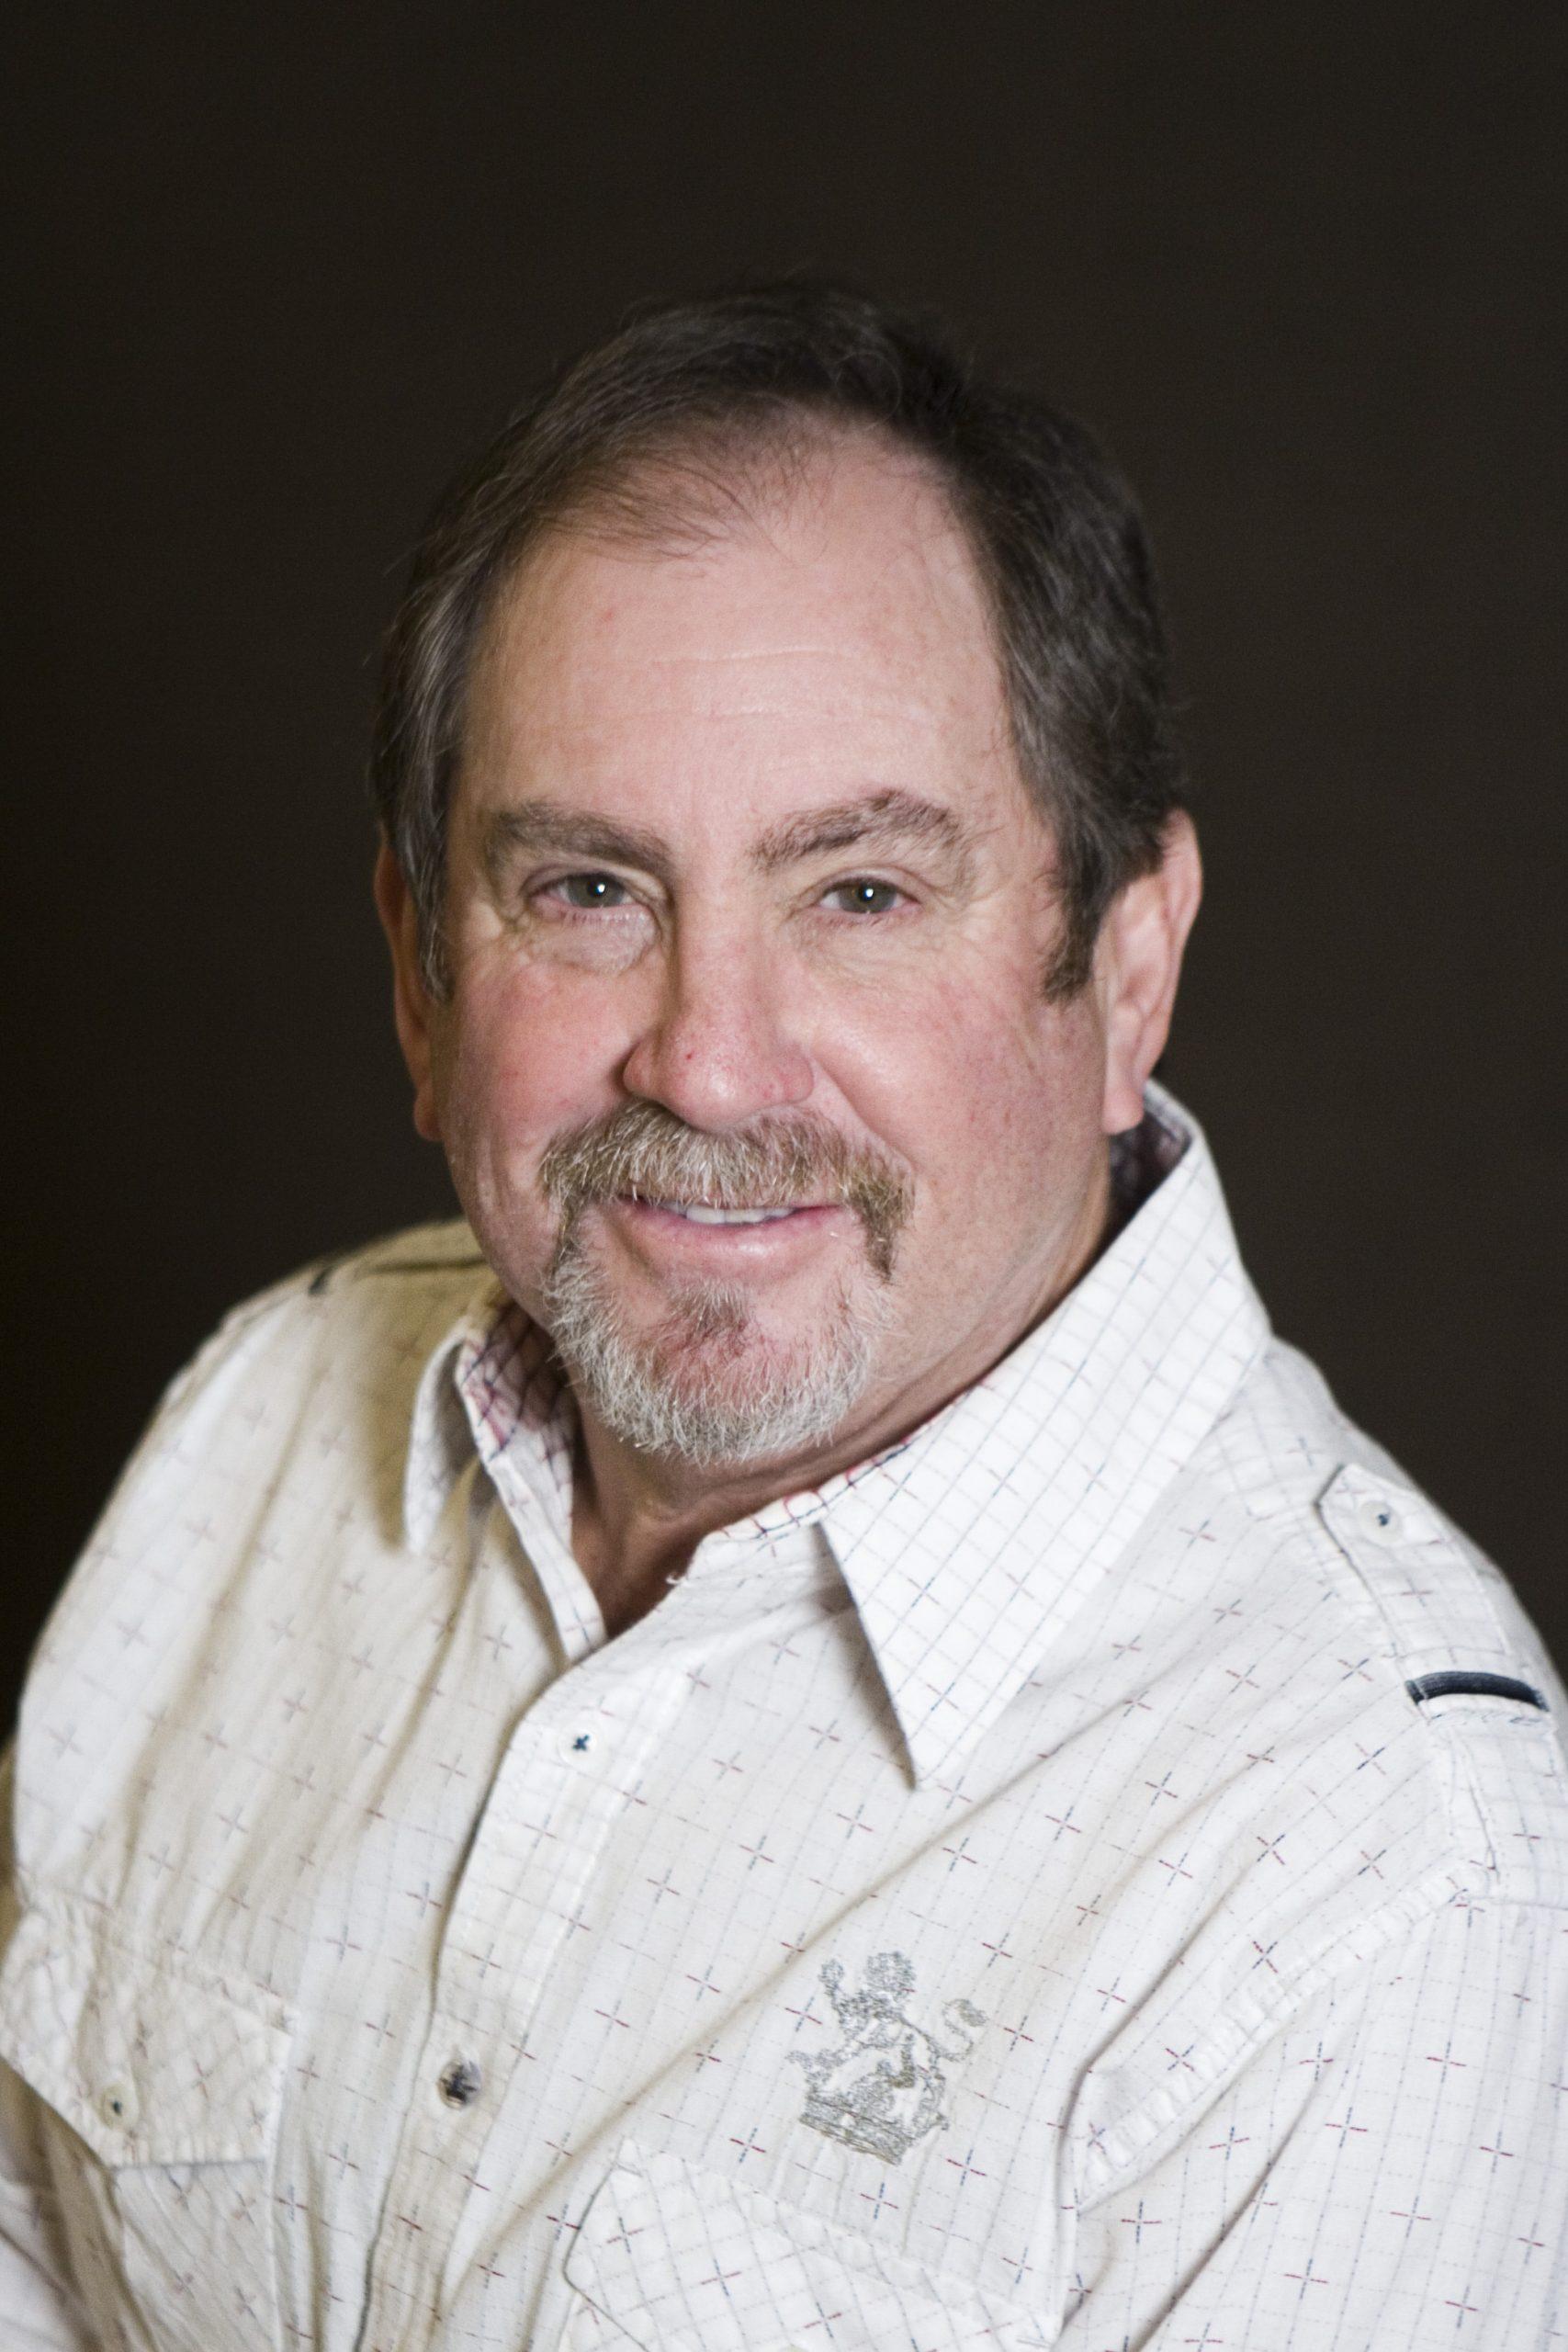 Michael Cumsky